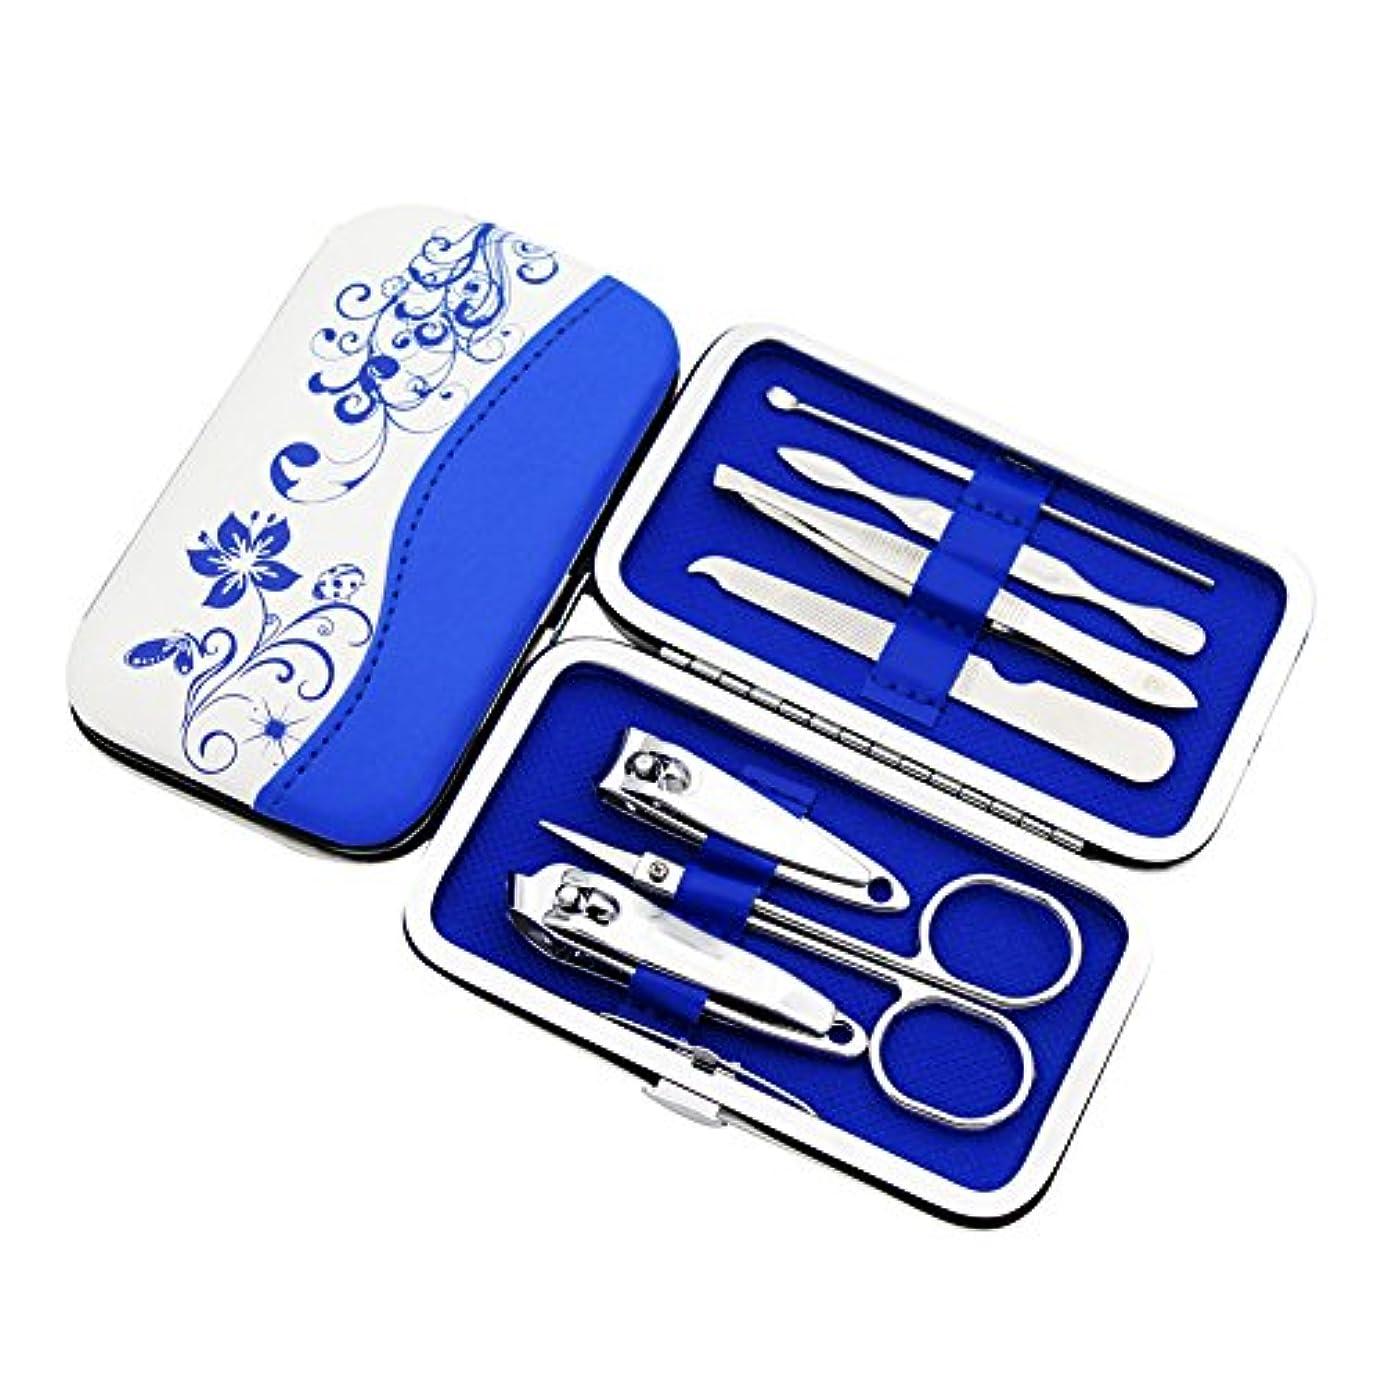 コーデリア魅惑する警戒MyMei 爪切り 爪やすり 7点セット ステンレス製 携帯便利 収納ケース付き 耐摩 耐久